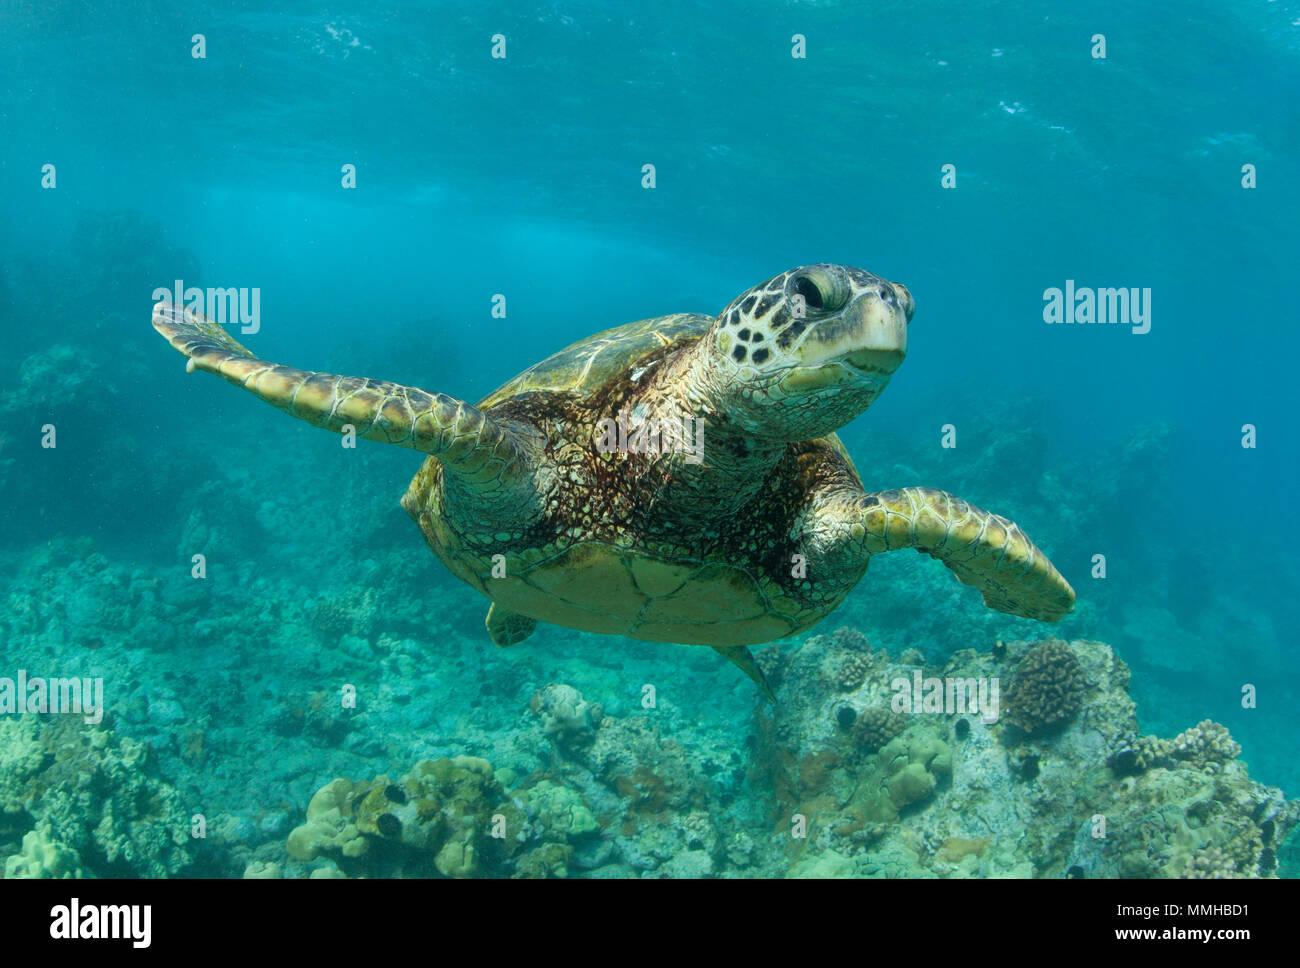 Green sea turtle swims off the coast of Maui. Stock Photo